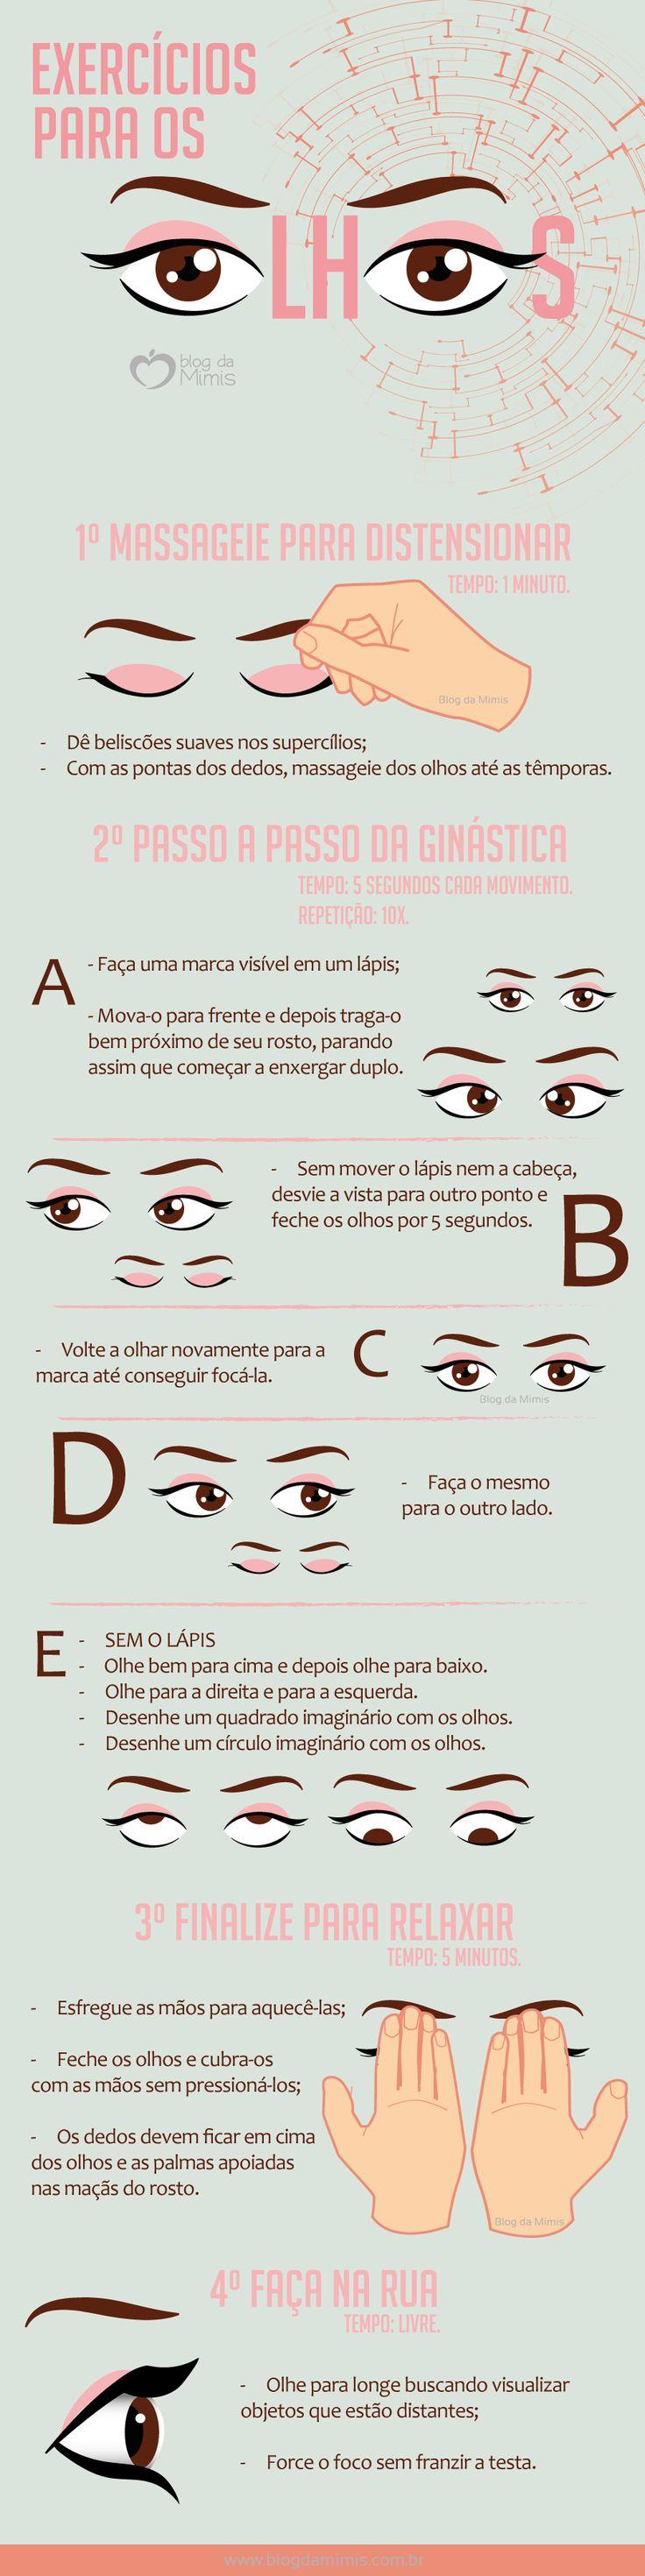 Exercícios para os olhos: como fazer e seus benefícios - Blog da Mimis #exercício #ocular #olhos